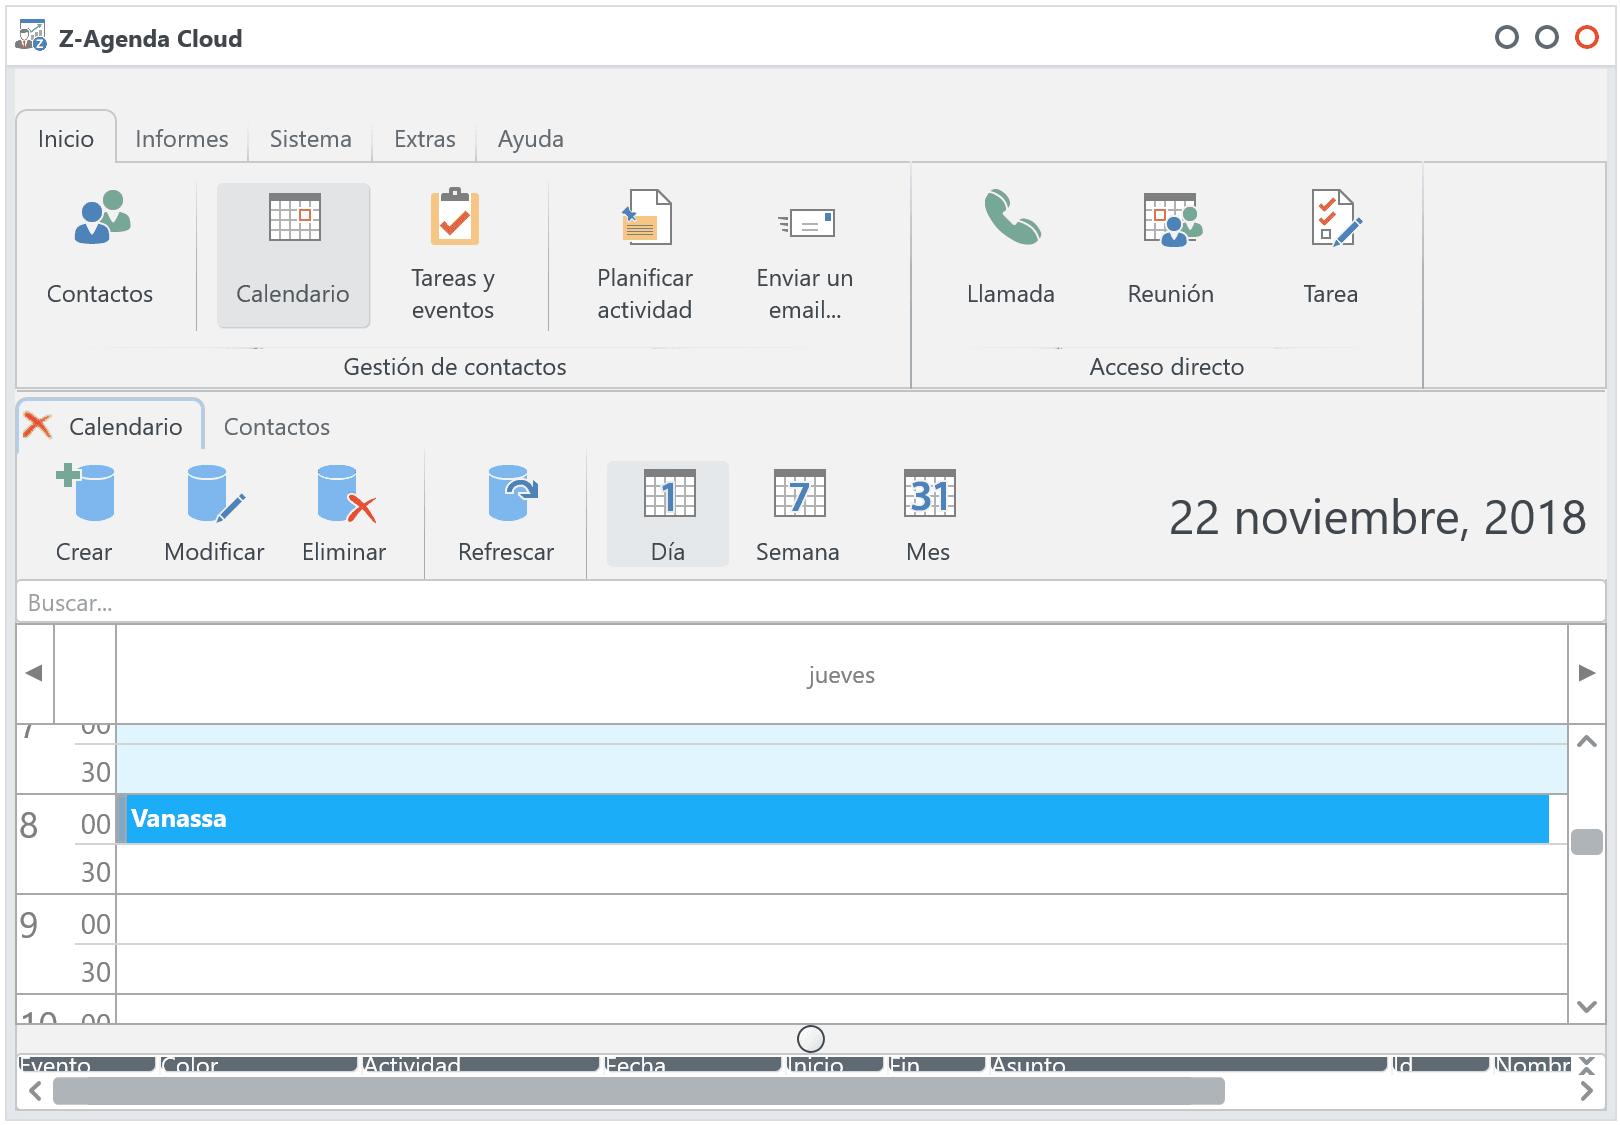 ZAgenda Cloud - software de agenda personal y gestión de contactos